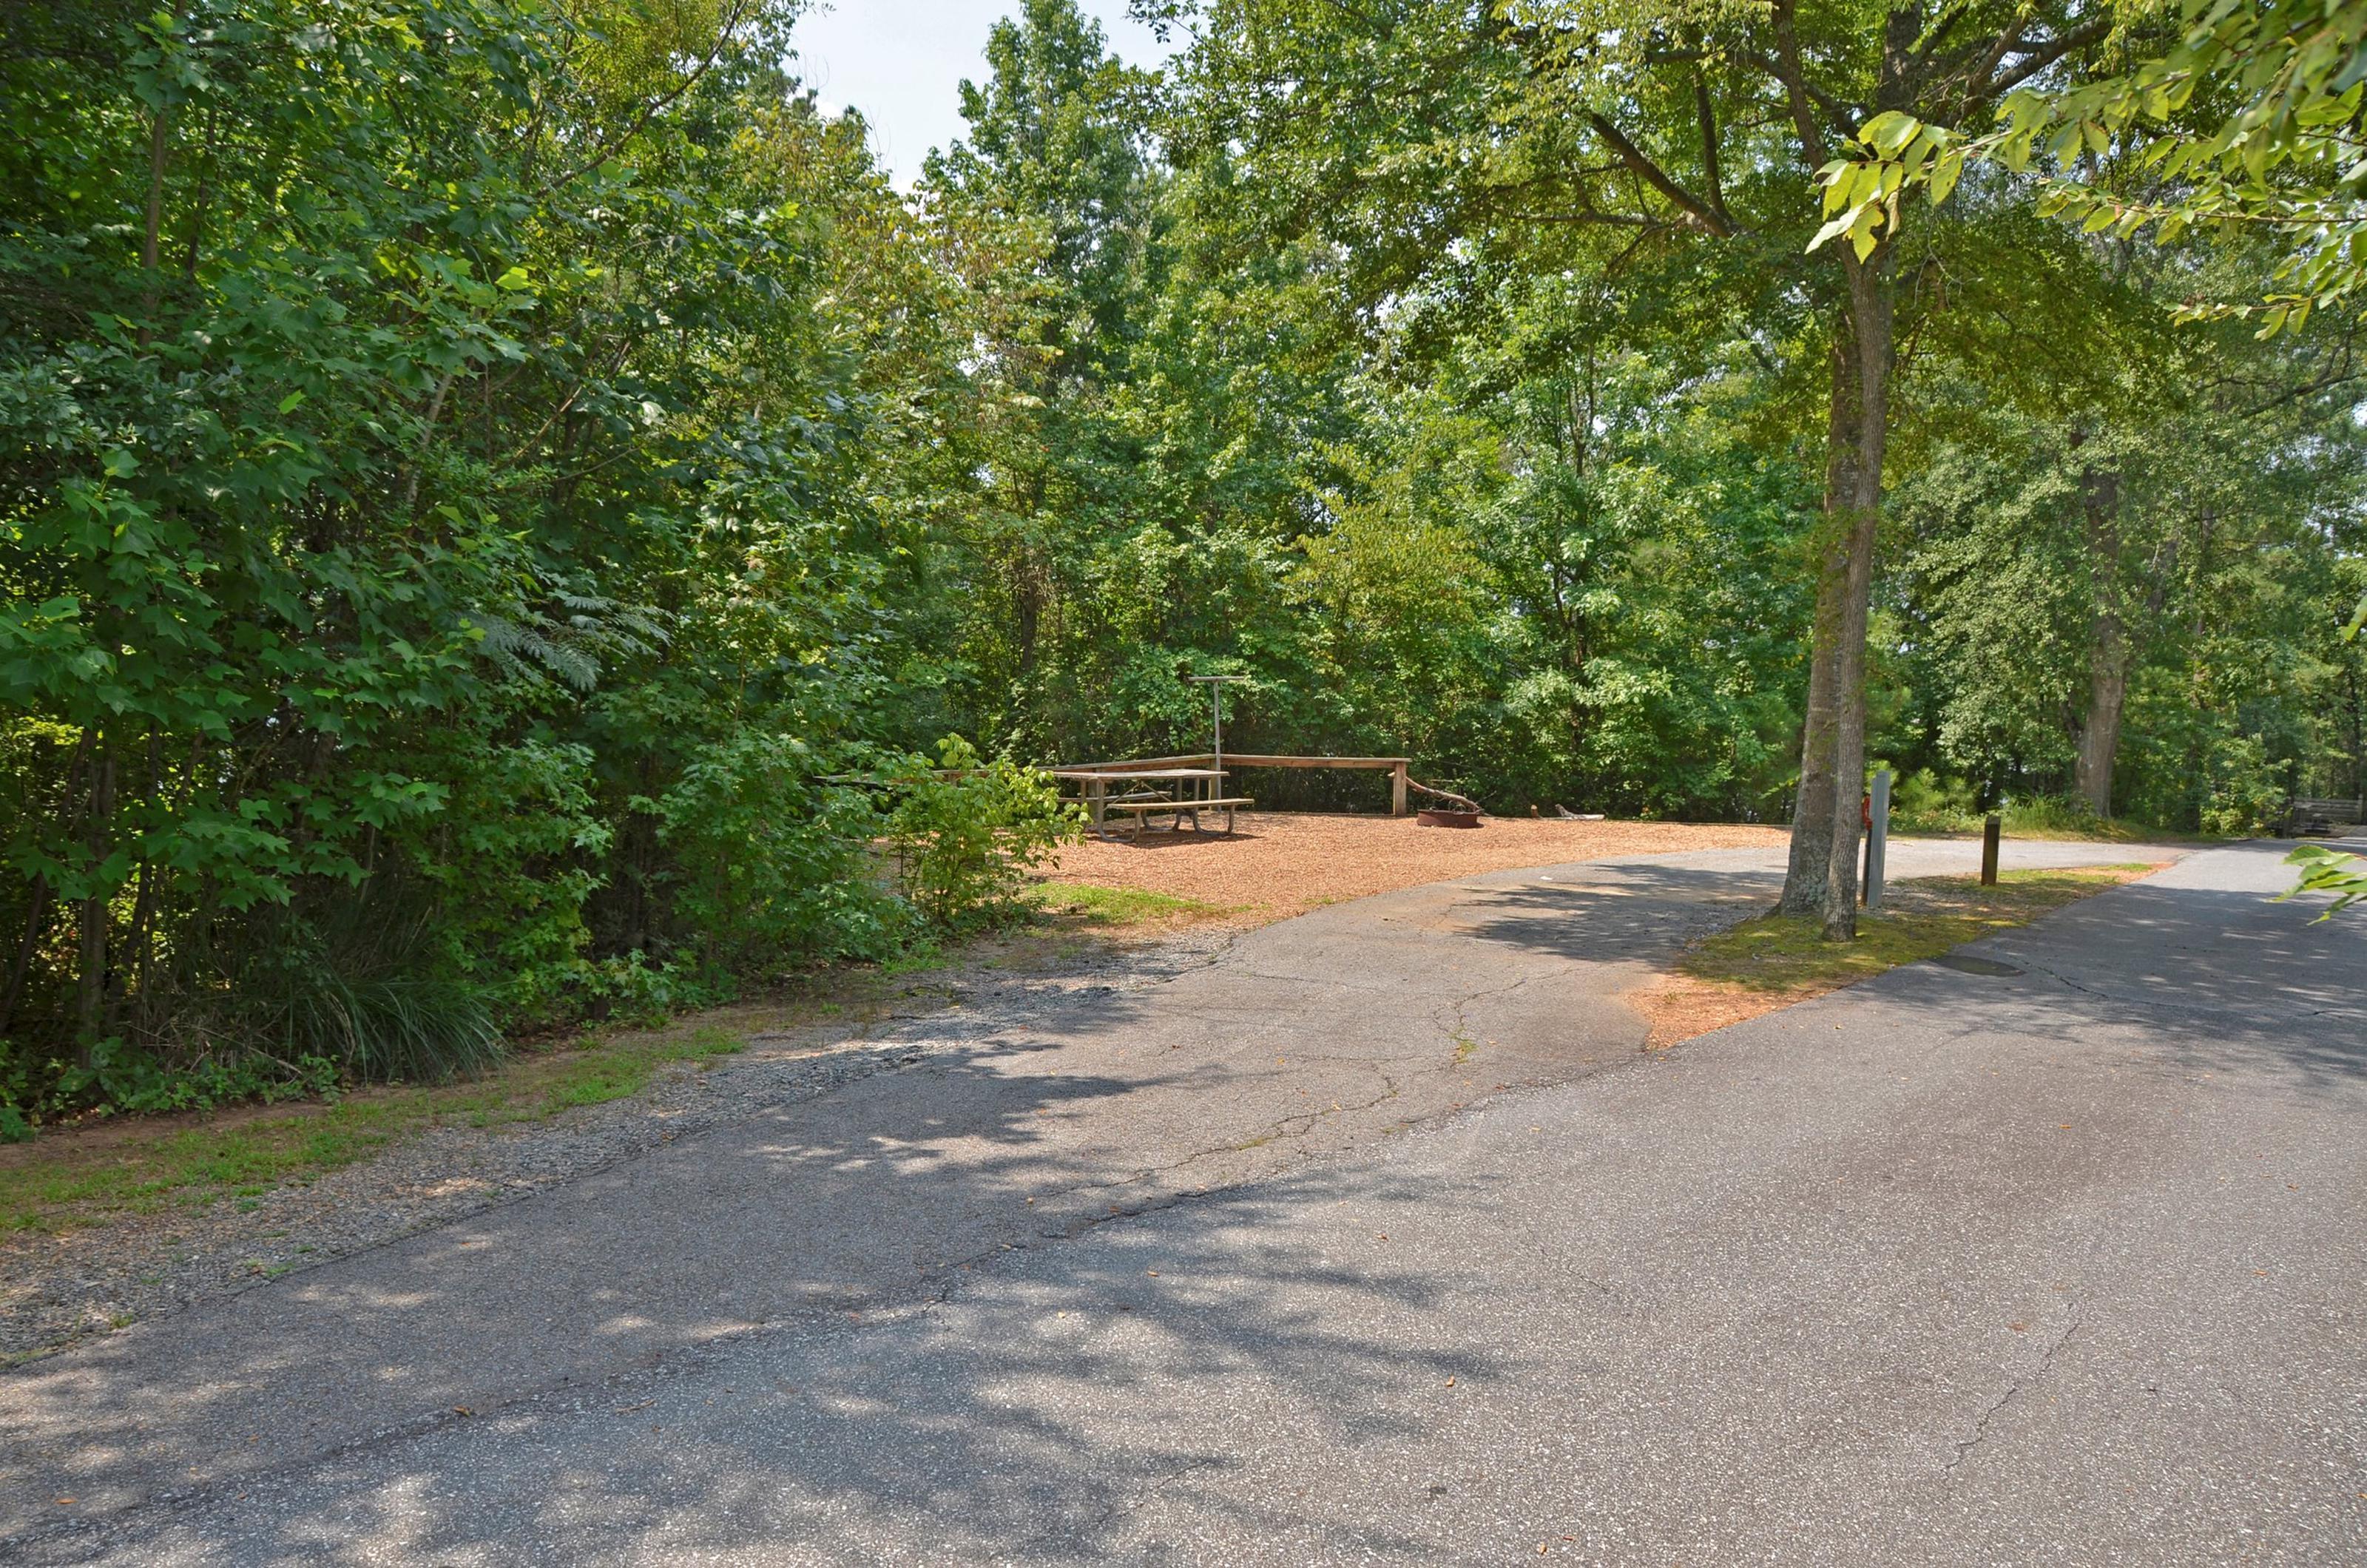 McKinney Campground Site 117